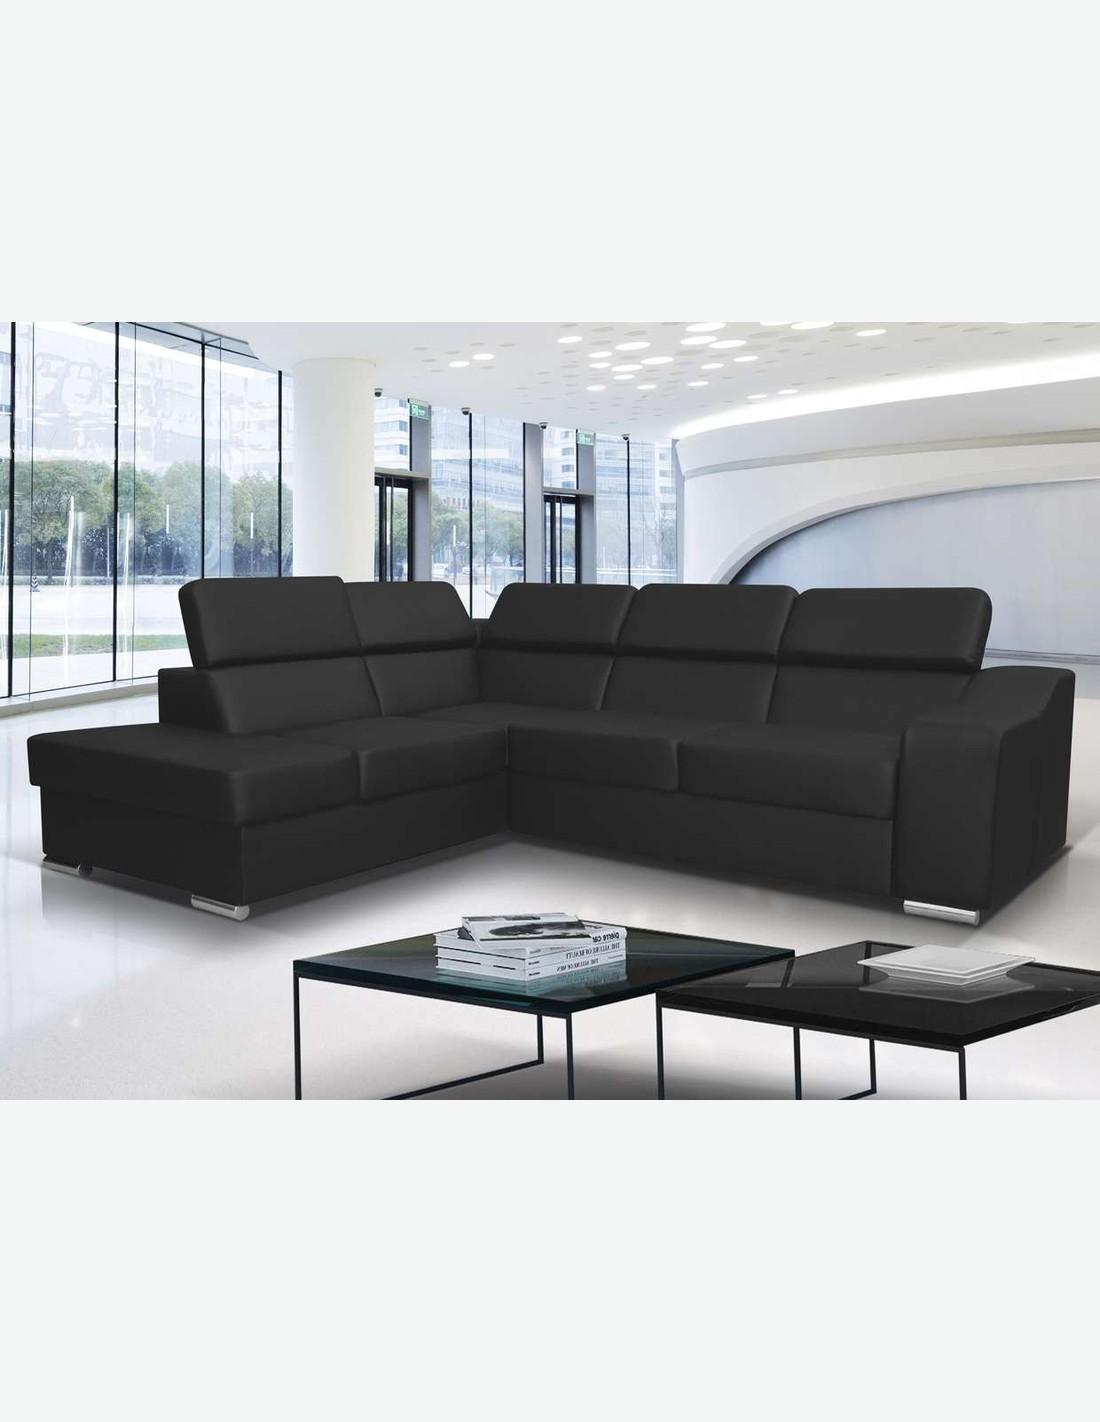 ecksofa schlaf und bettkastenfunktion r cklehne verstellbar. Black Bedroom Furniture Sets. Home Design Ideas